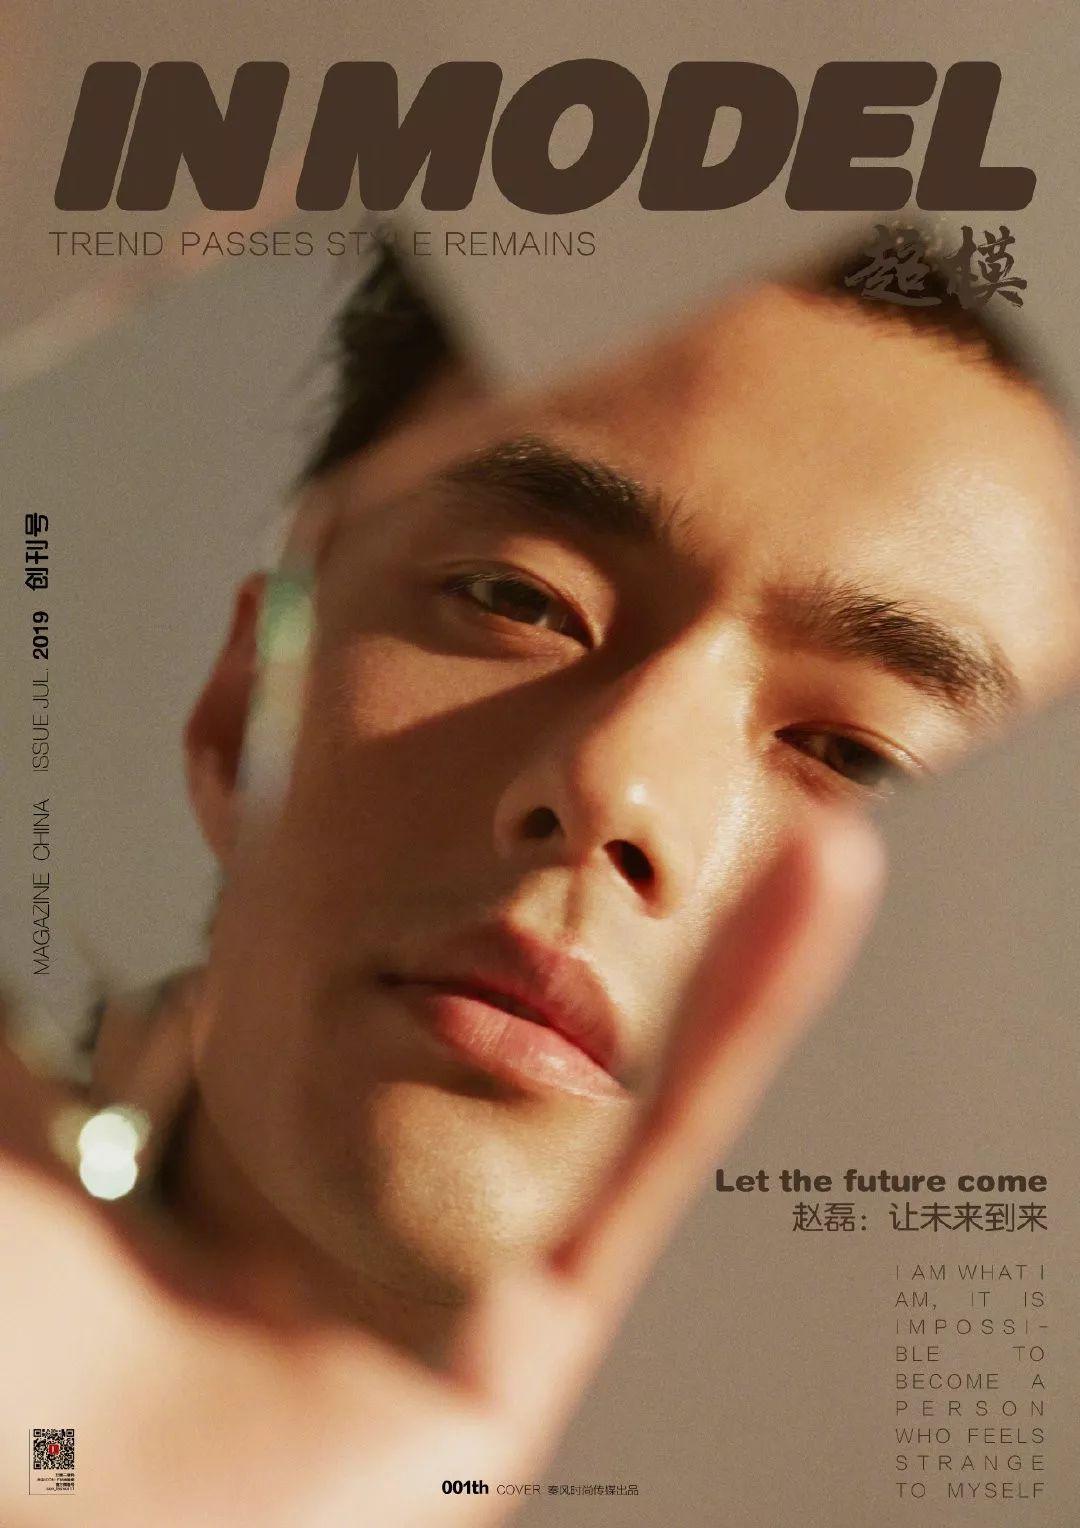 超模赵磊拍摄《IN MODEL超模》封面及内页 让未来到来